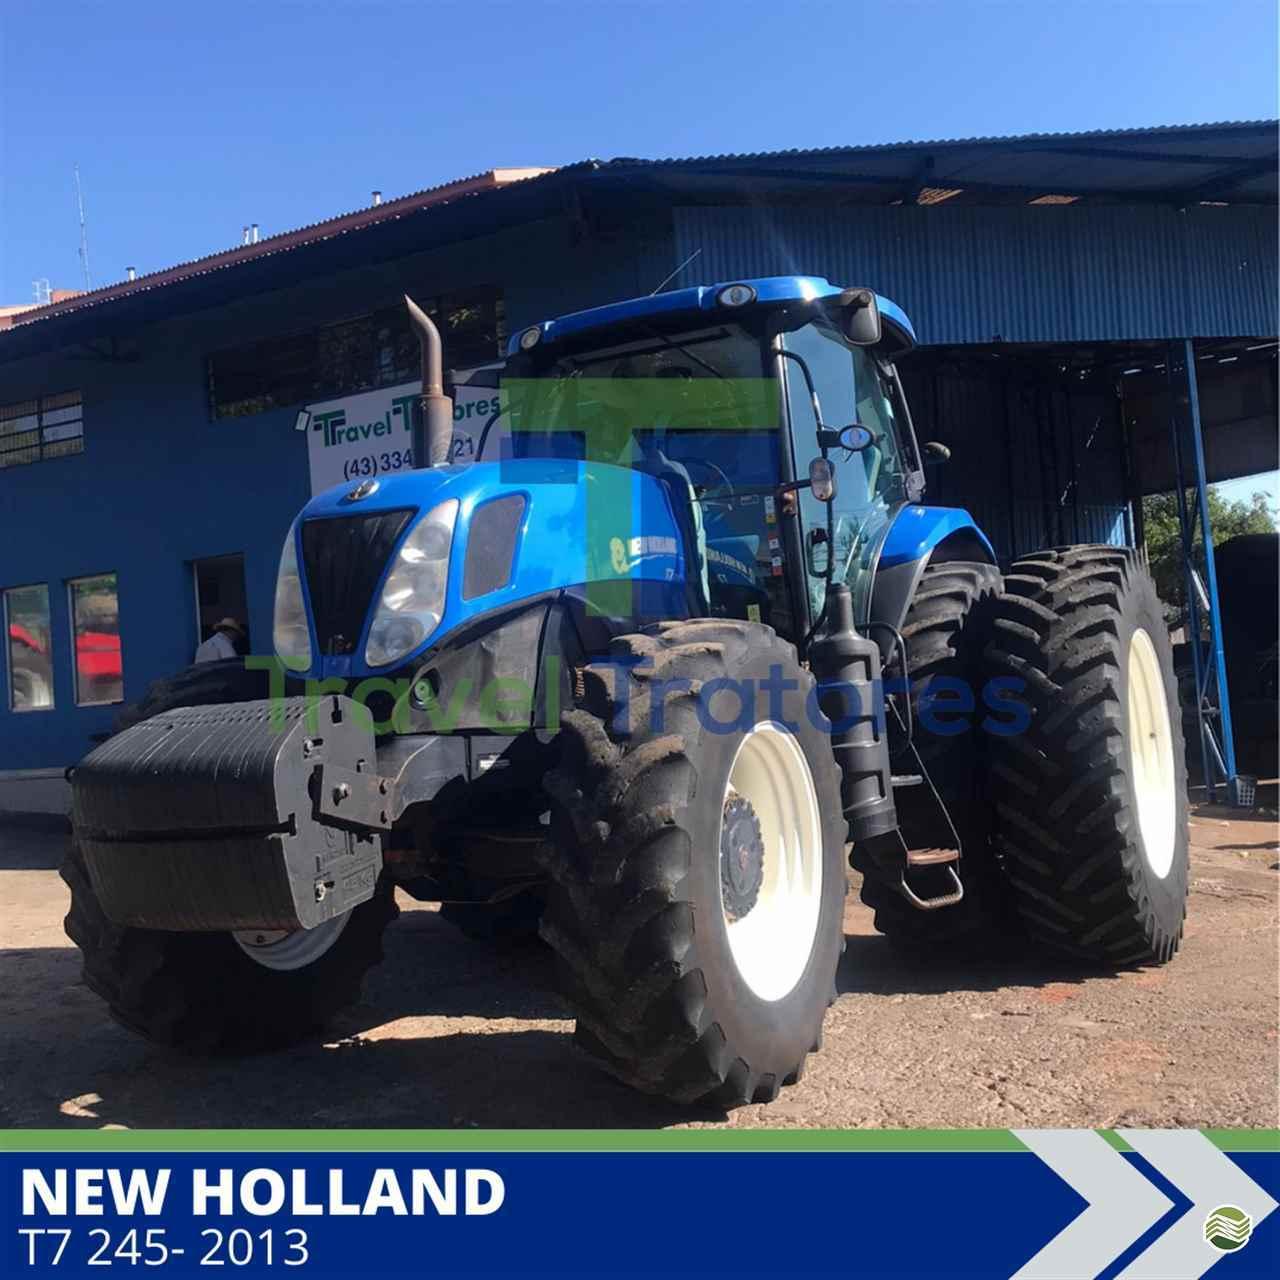 TRATOR NEW HOLLAND NEW T7 245 Tração 4x4 Travel Máquinas Agrícolas LONDRINA PARANÁ PR